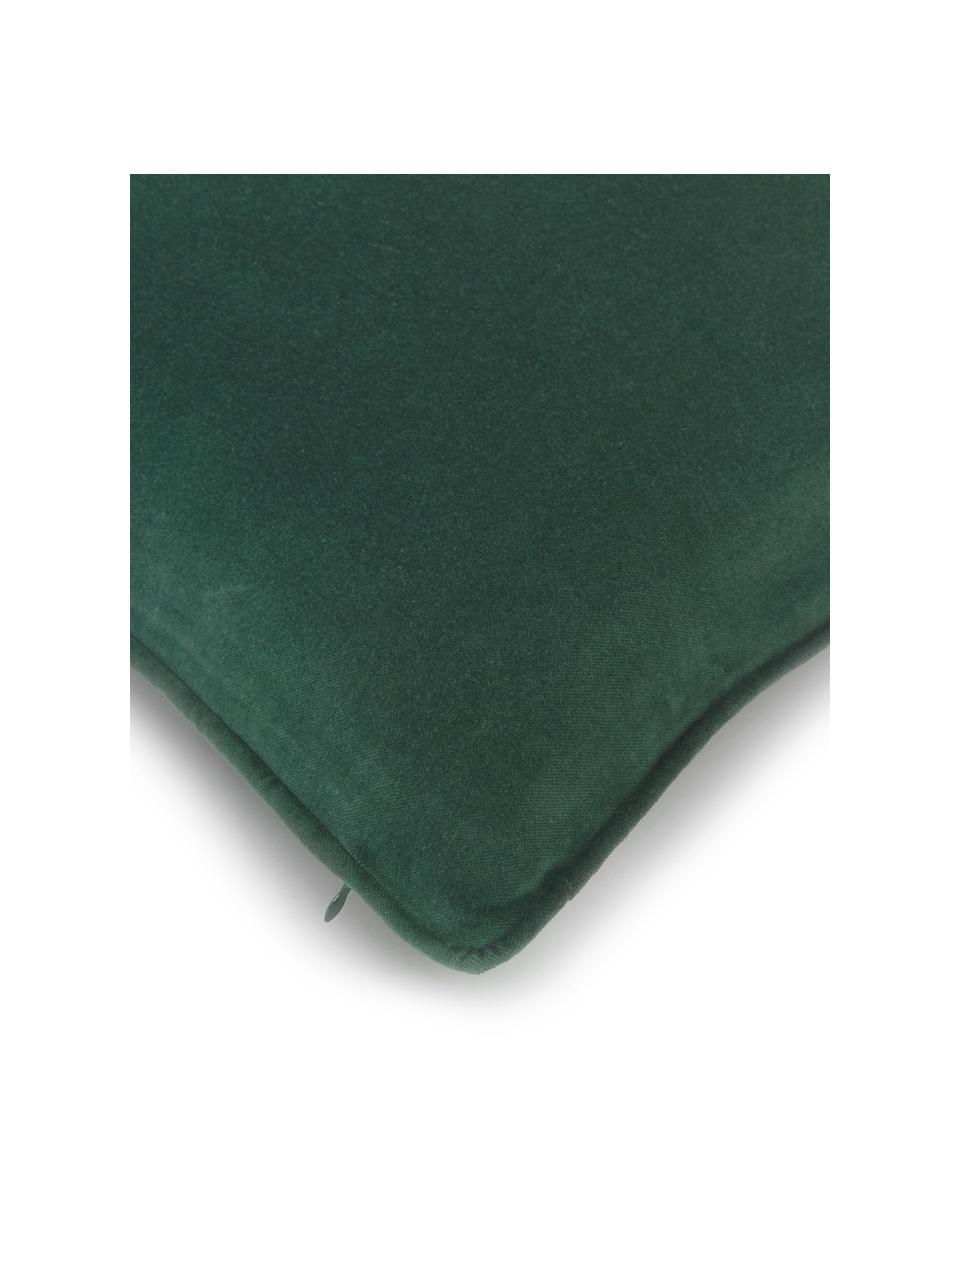 Housse de coussin velours vert émeraude Dana, Vert émeraude